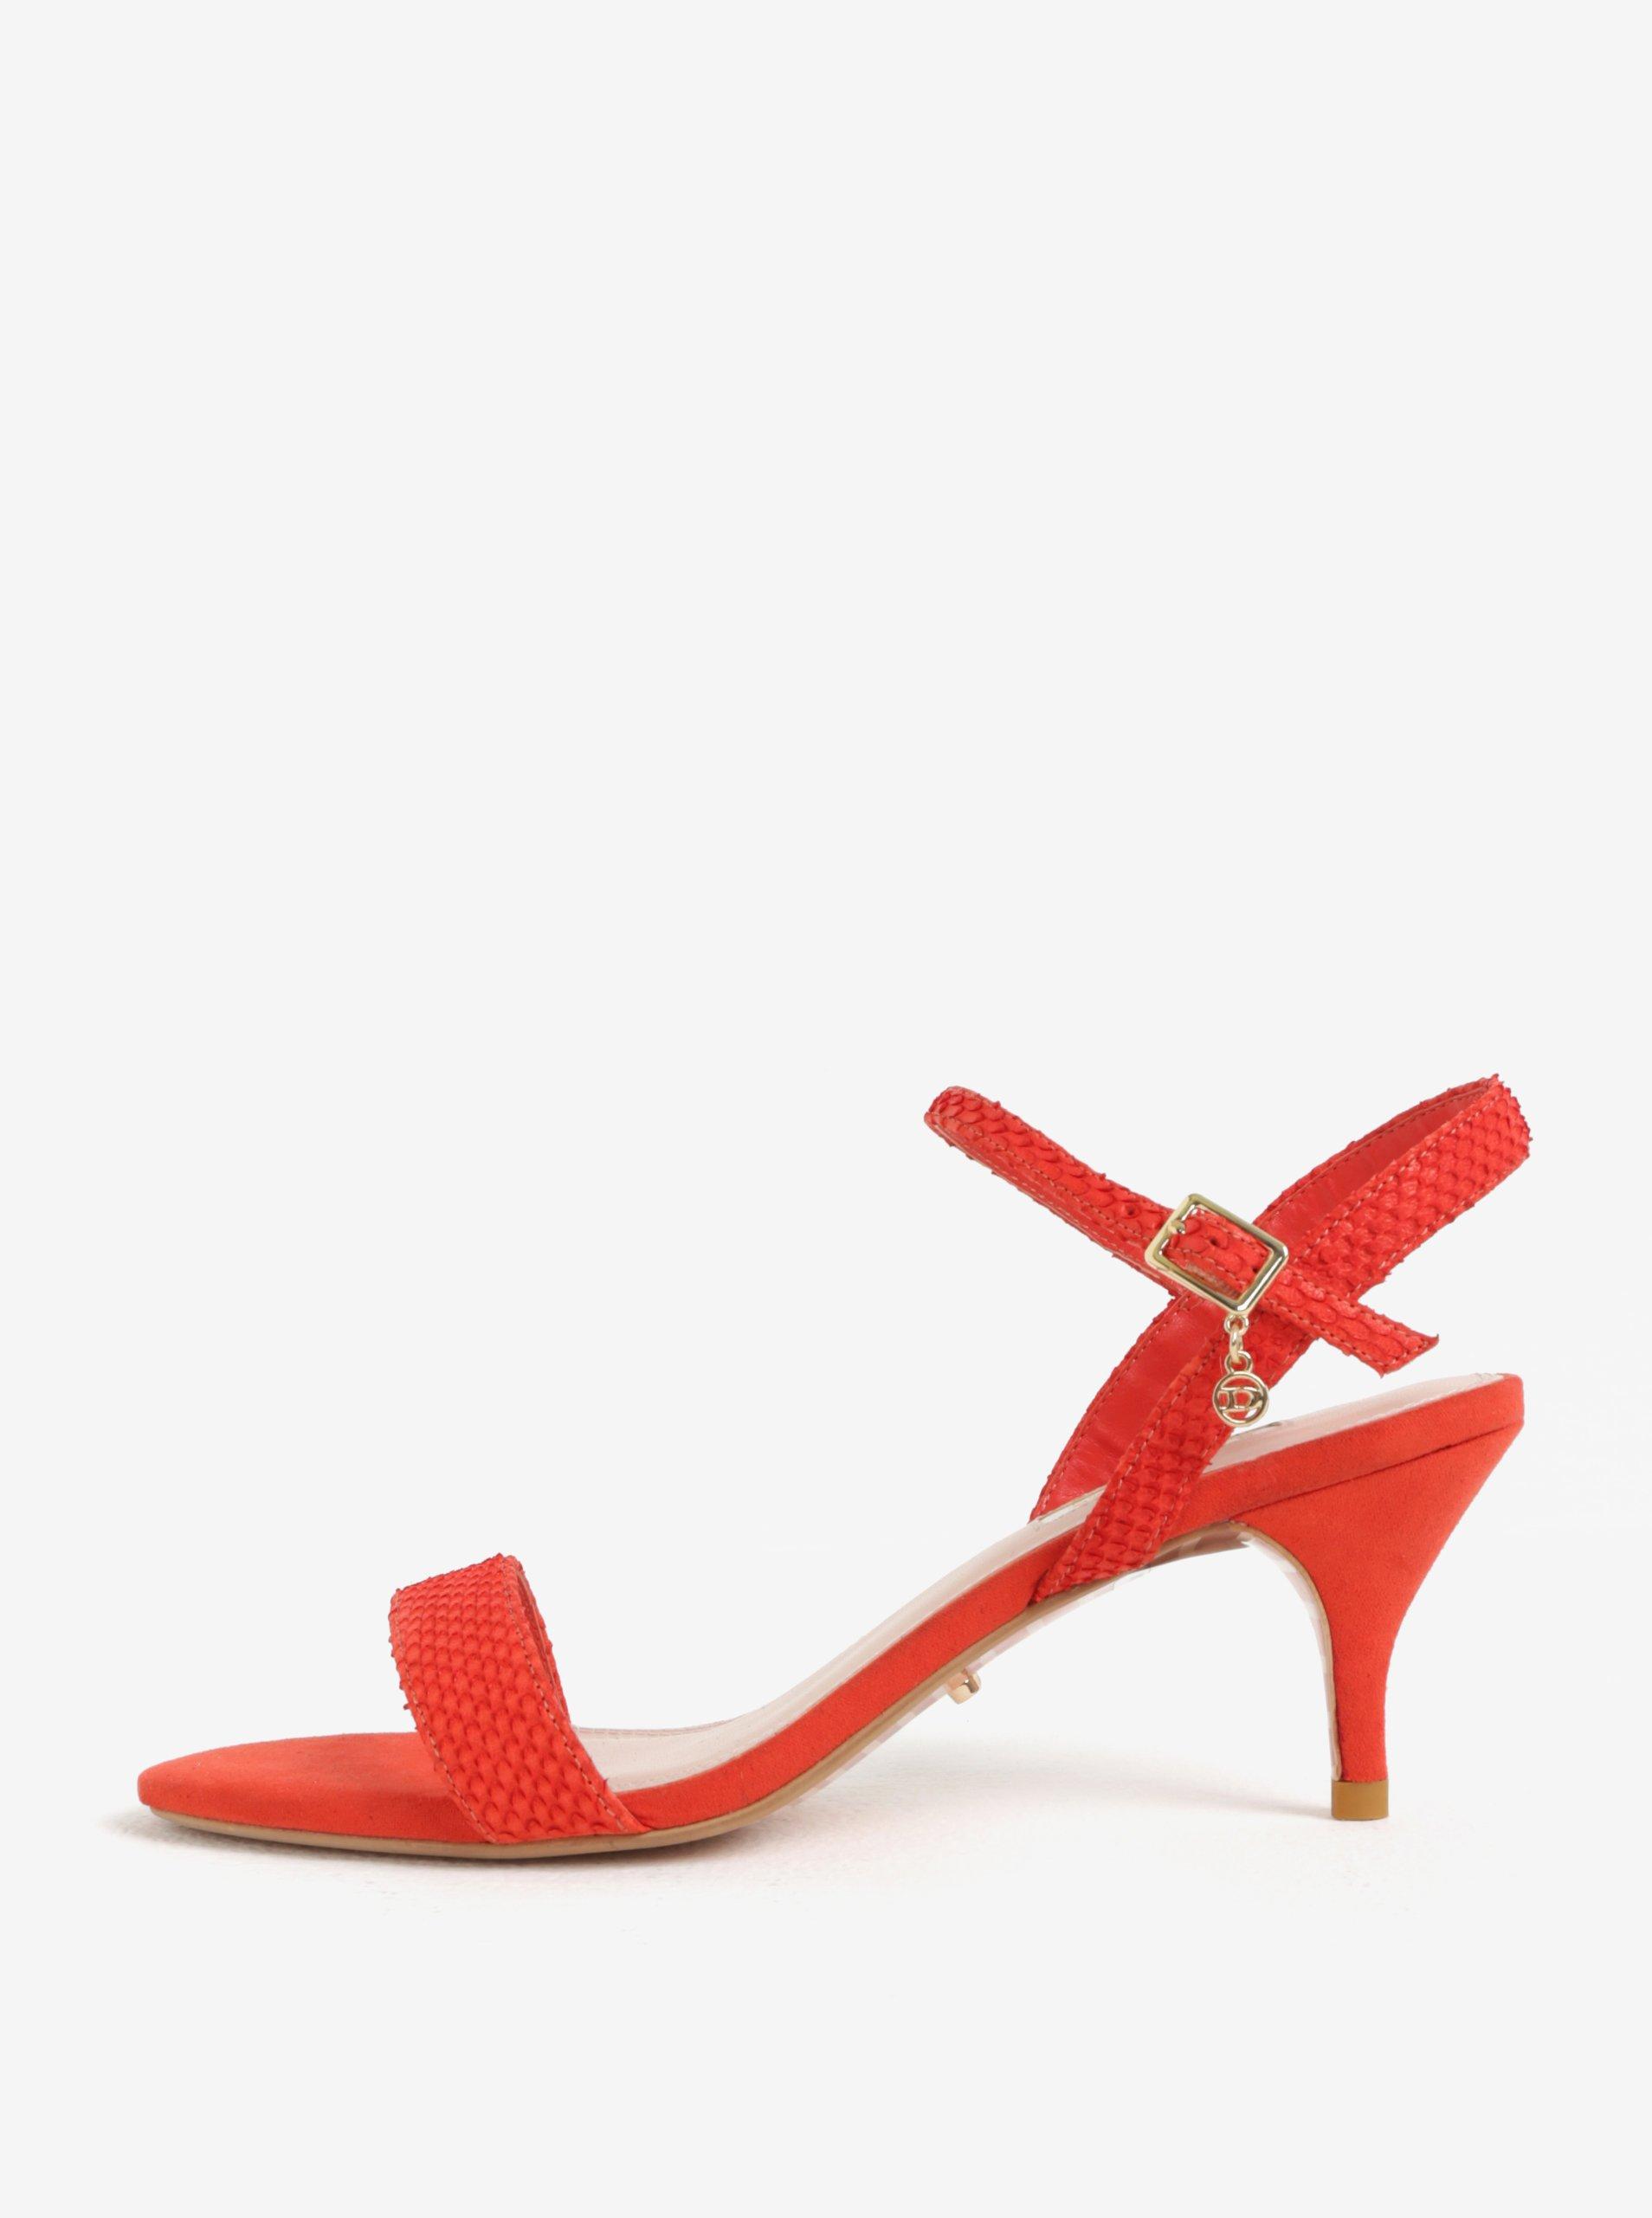 8e69e24267b76 Červené sandálky na ihlovom podpätku Dune London Monnrow | Moda.sk